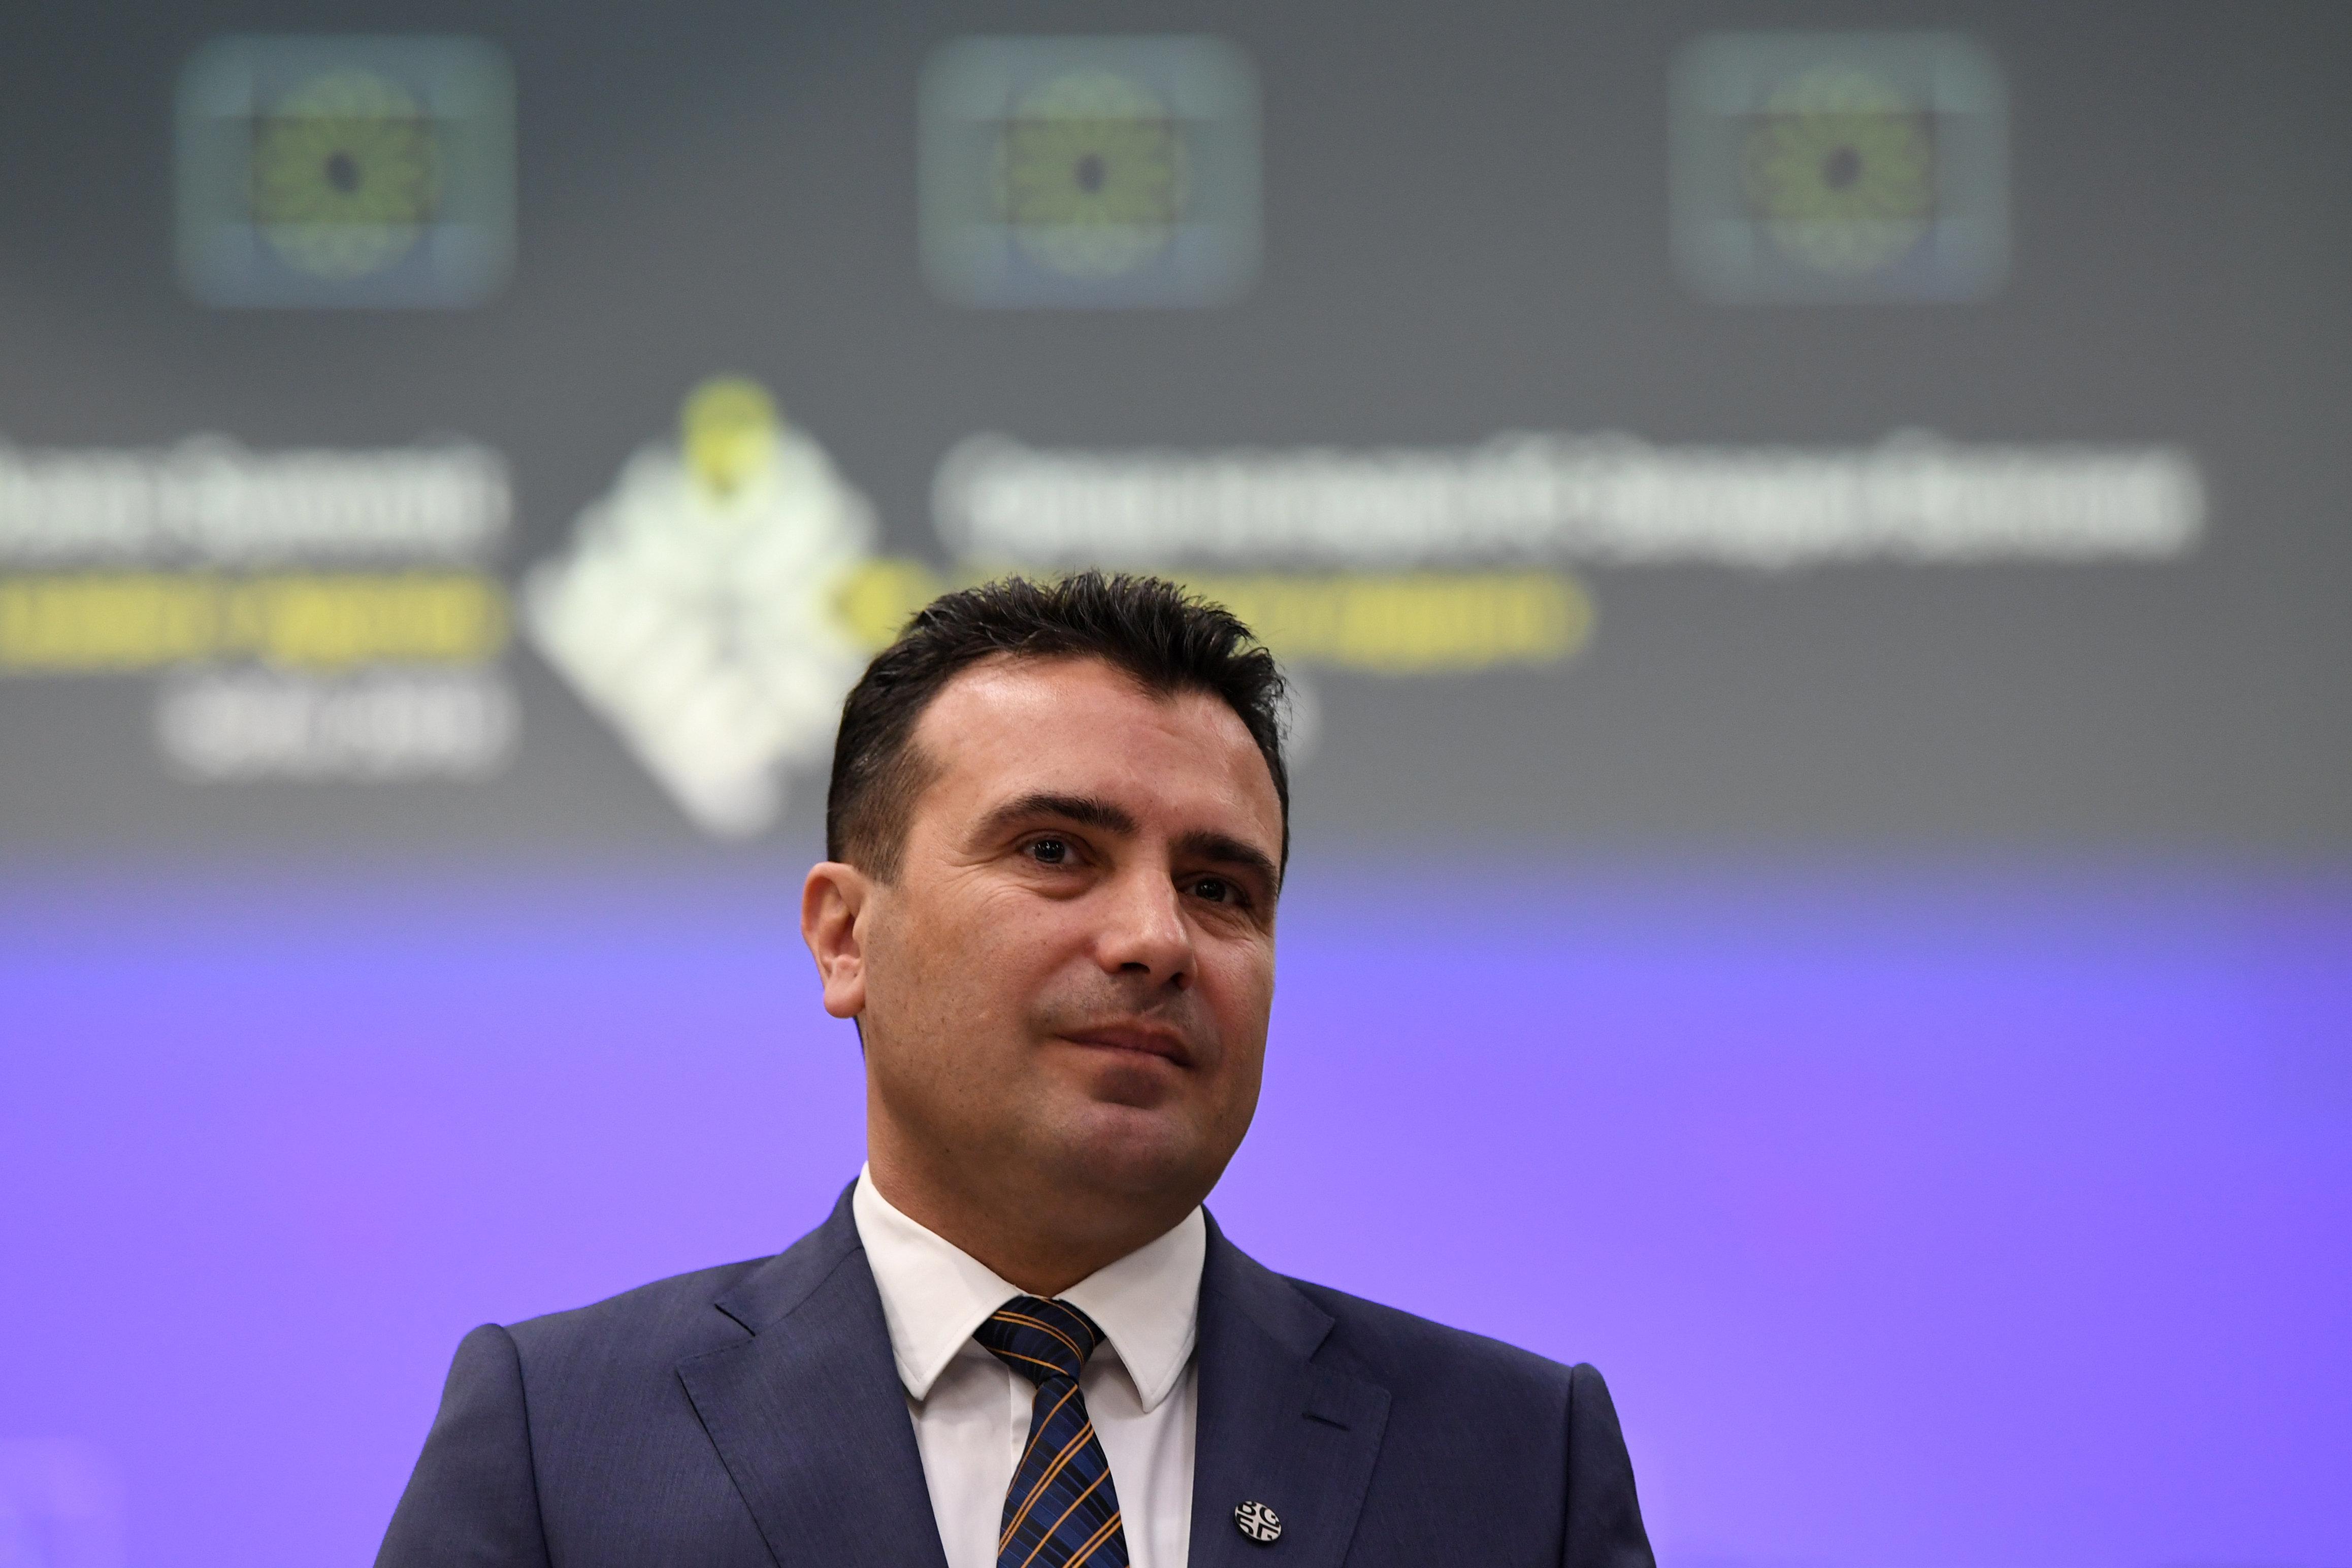 Αισιόδοξος ο Ζάεφ: Διευκρινίζονται λεπτομέρειες και την Τρίτη με τον πρωθυπουργό Τσίπρα ανακοινώνω την ευχάριστη είδηση